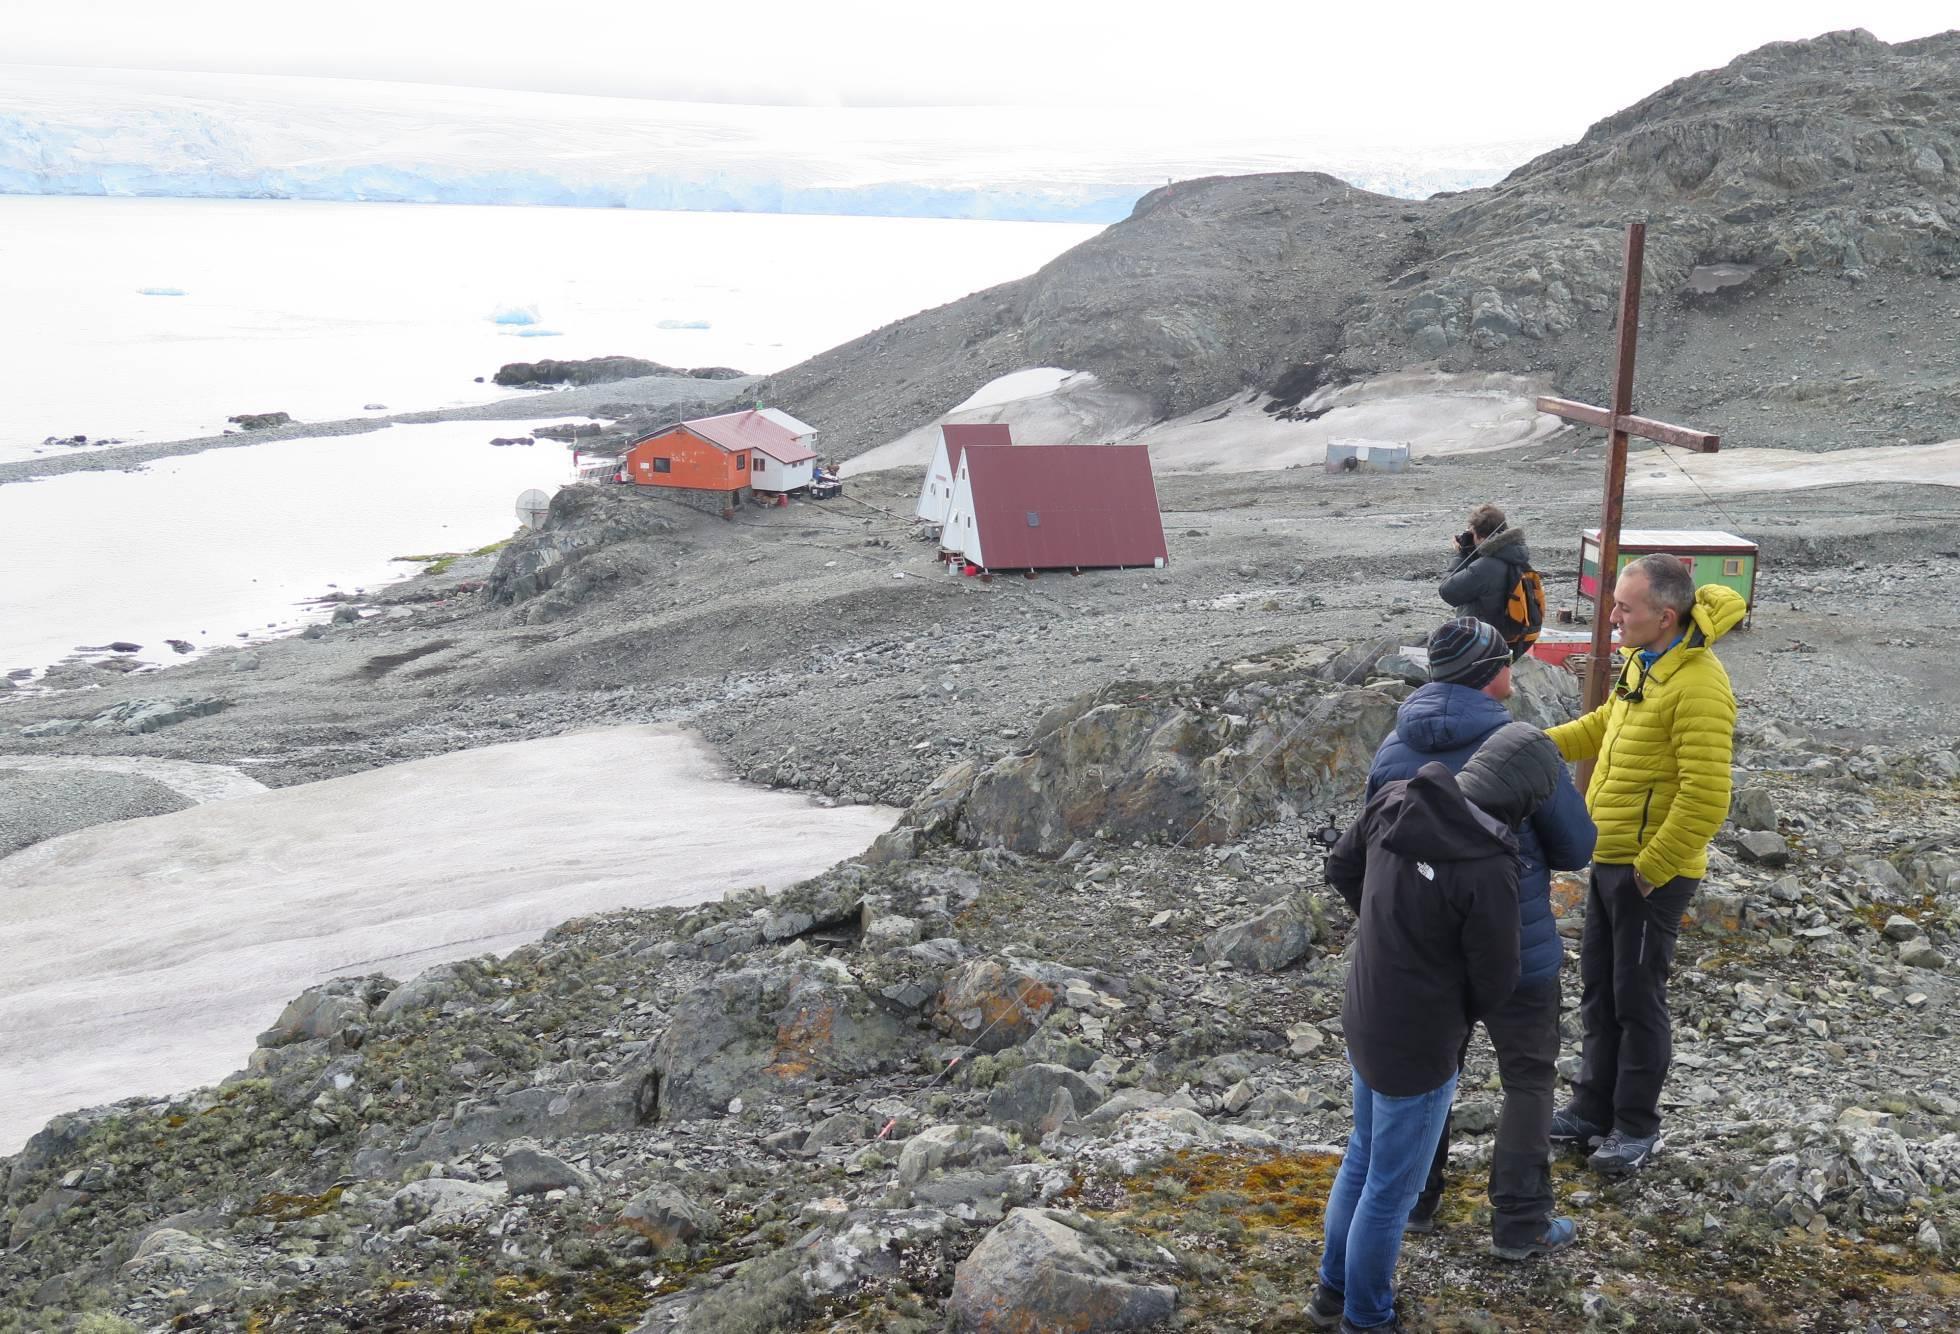 Antártida: continuidad de temperaturas altas preocupa en el continente de hielo